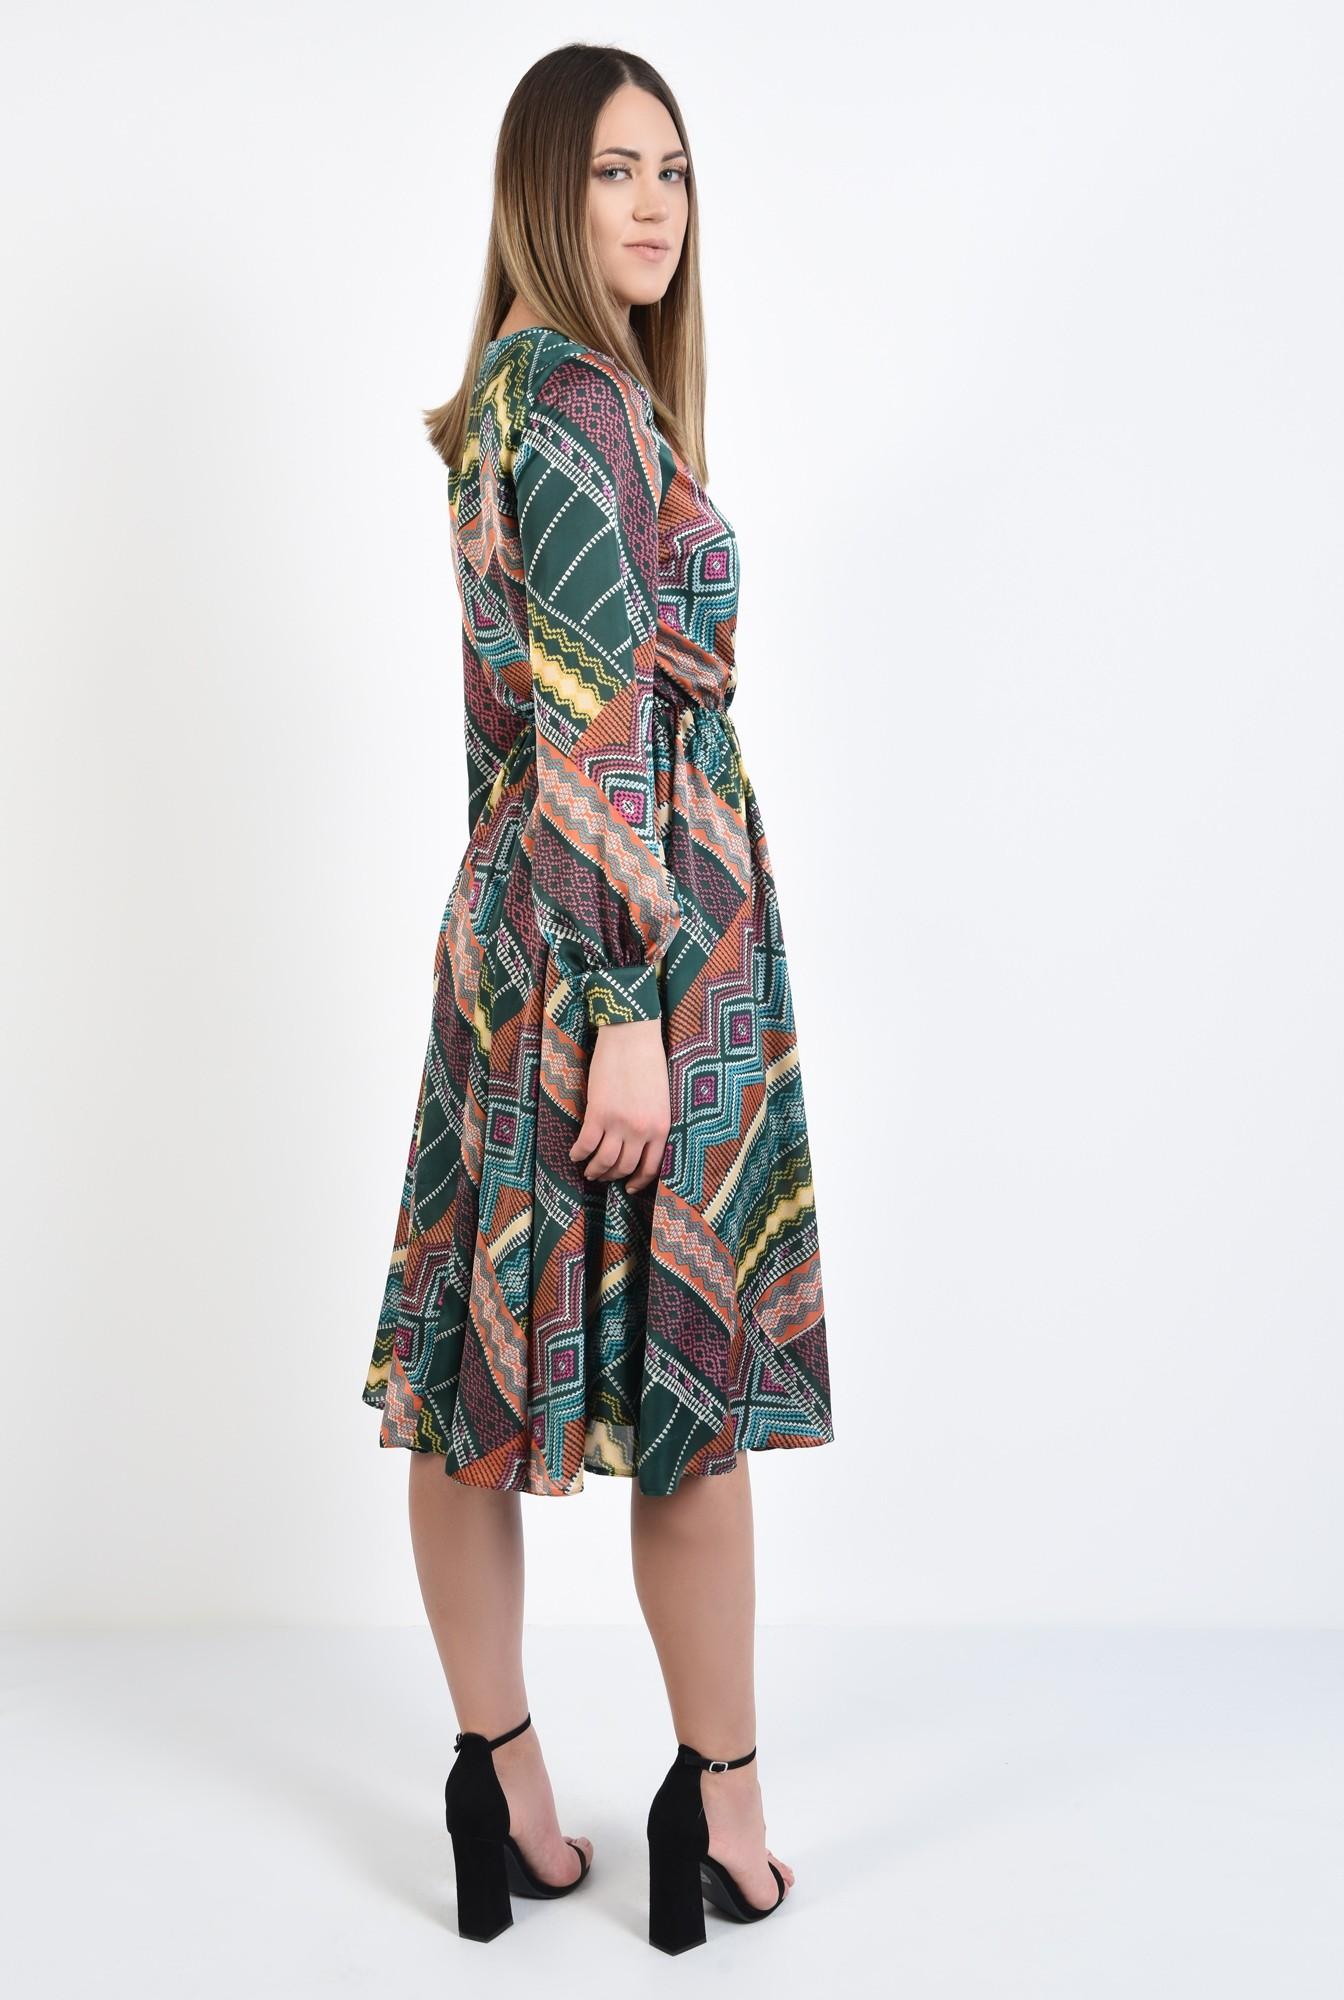 1 - 360 - rochie casual, imprimata, print geometric multicolor, lungime midi, evazata